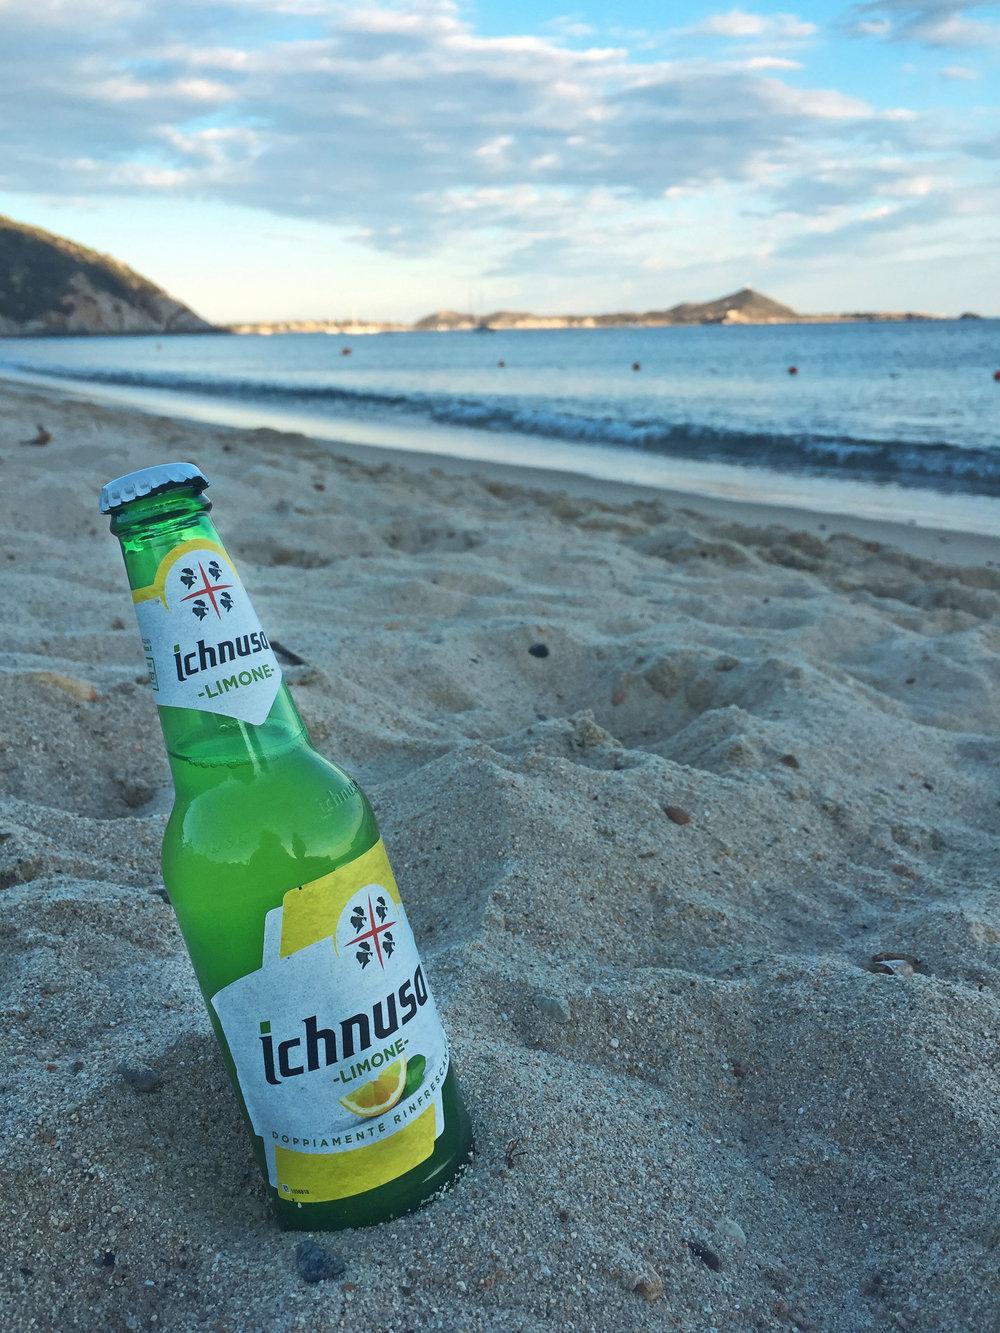 Ichnusa Beer